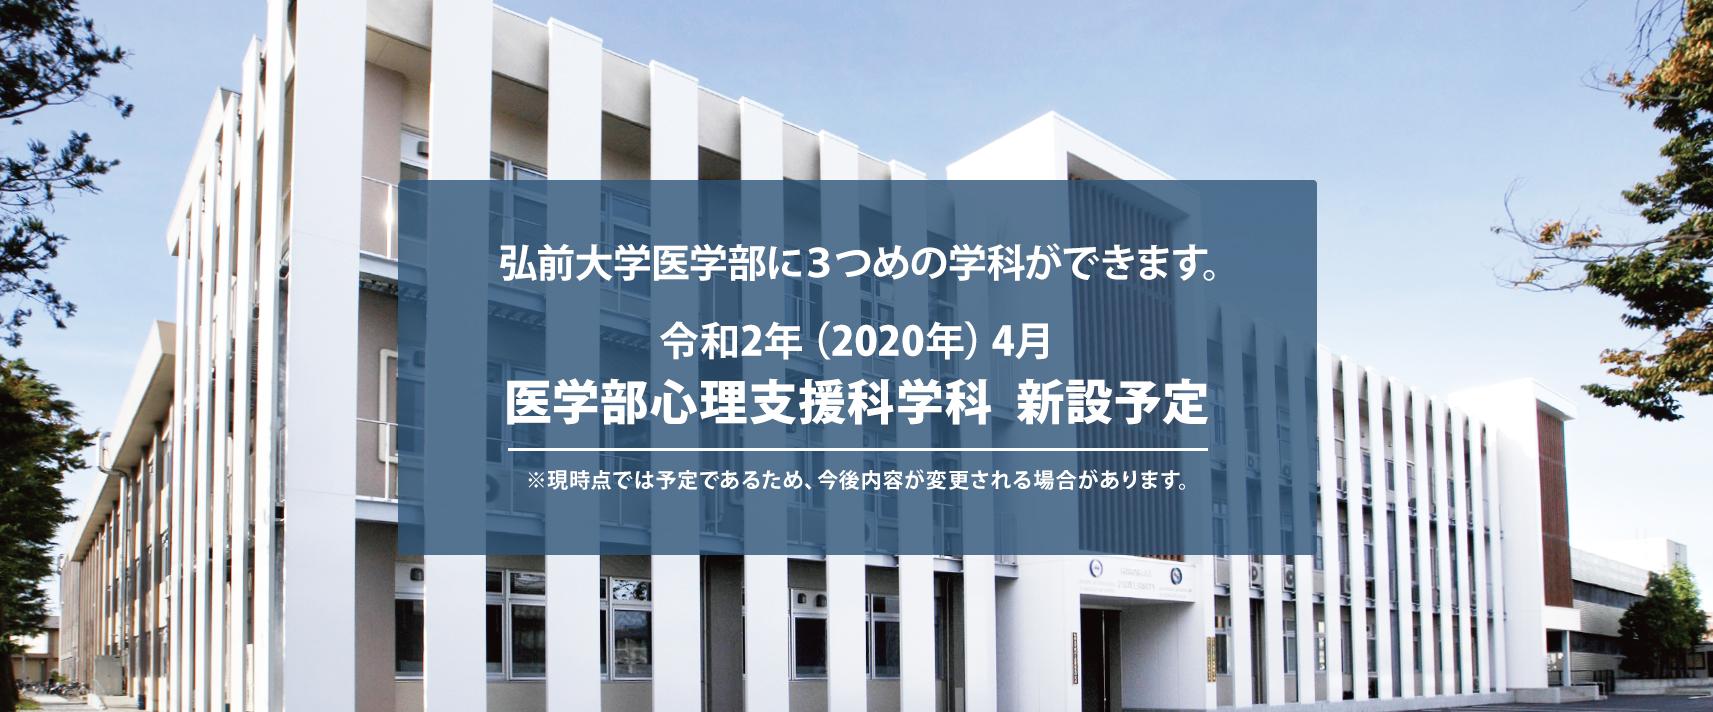 令和2年(2020年)4月 医学部心理支援科学科 新設予定